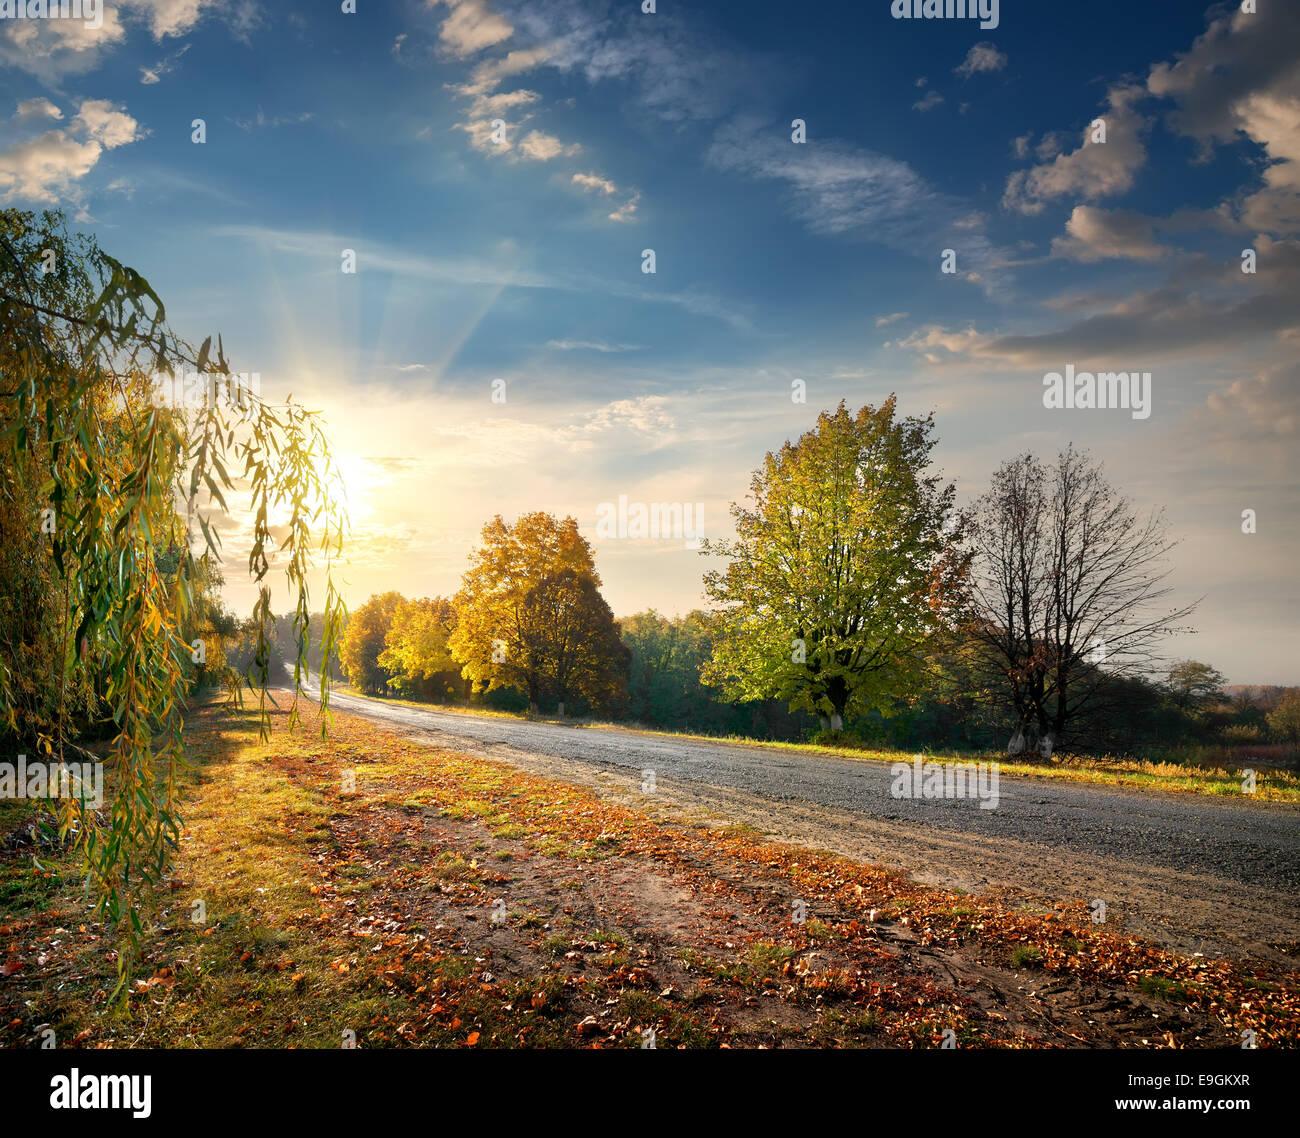 L'autoroute à travers la belle forêt d'automne et un soleil éclatant Photo Stock